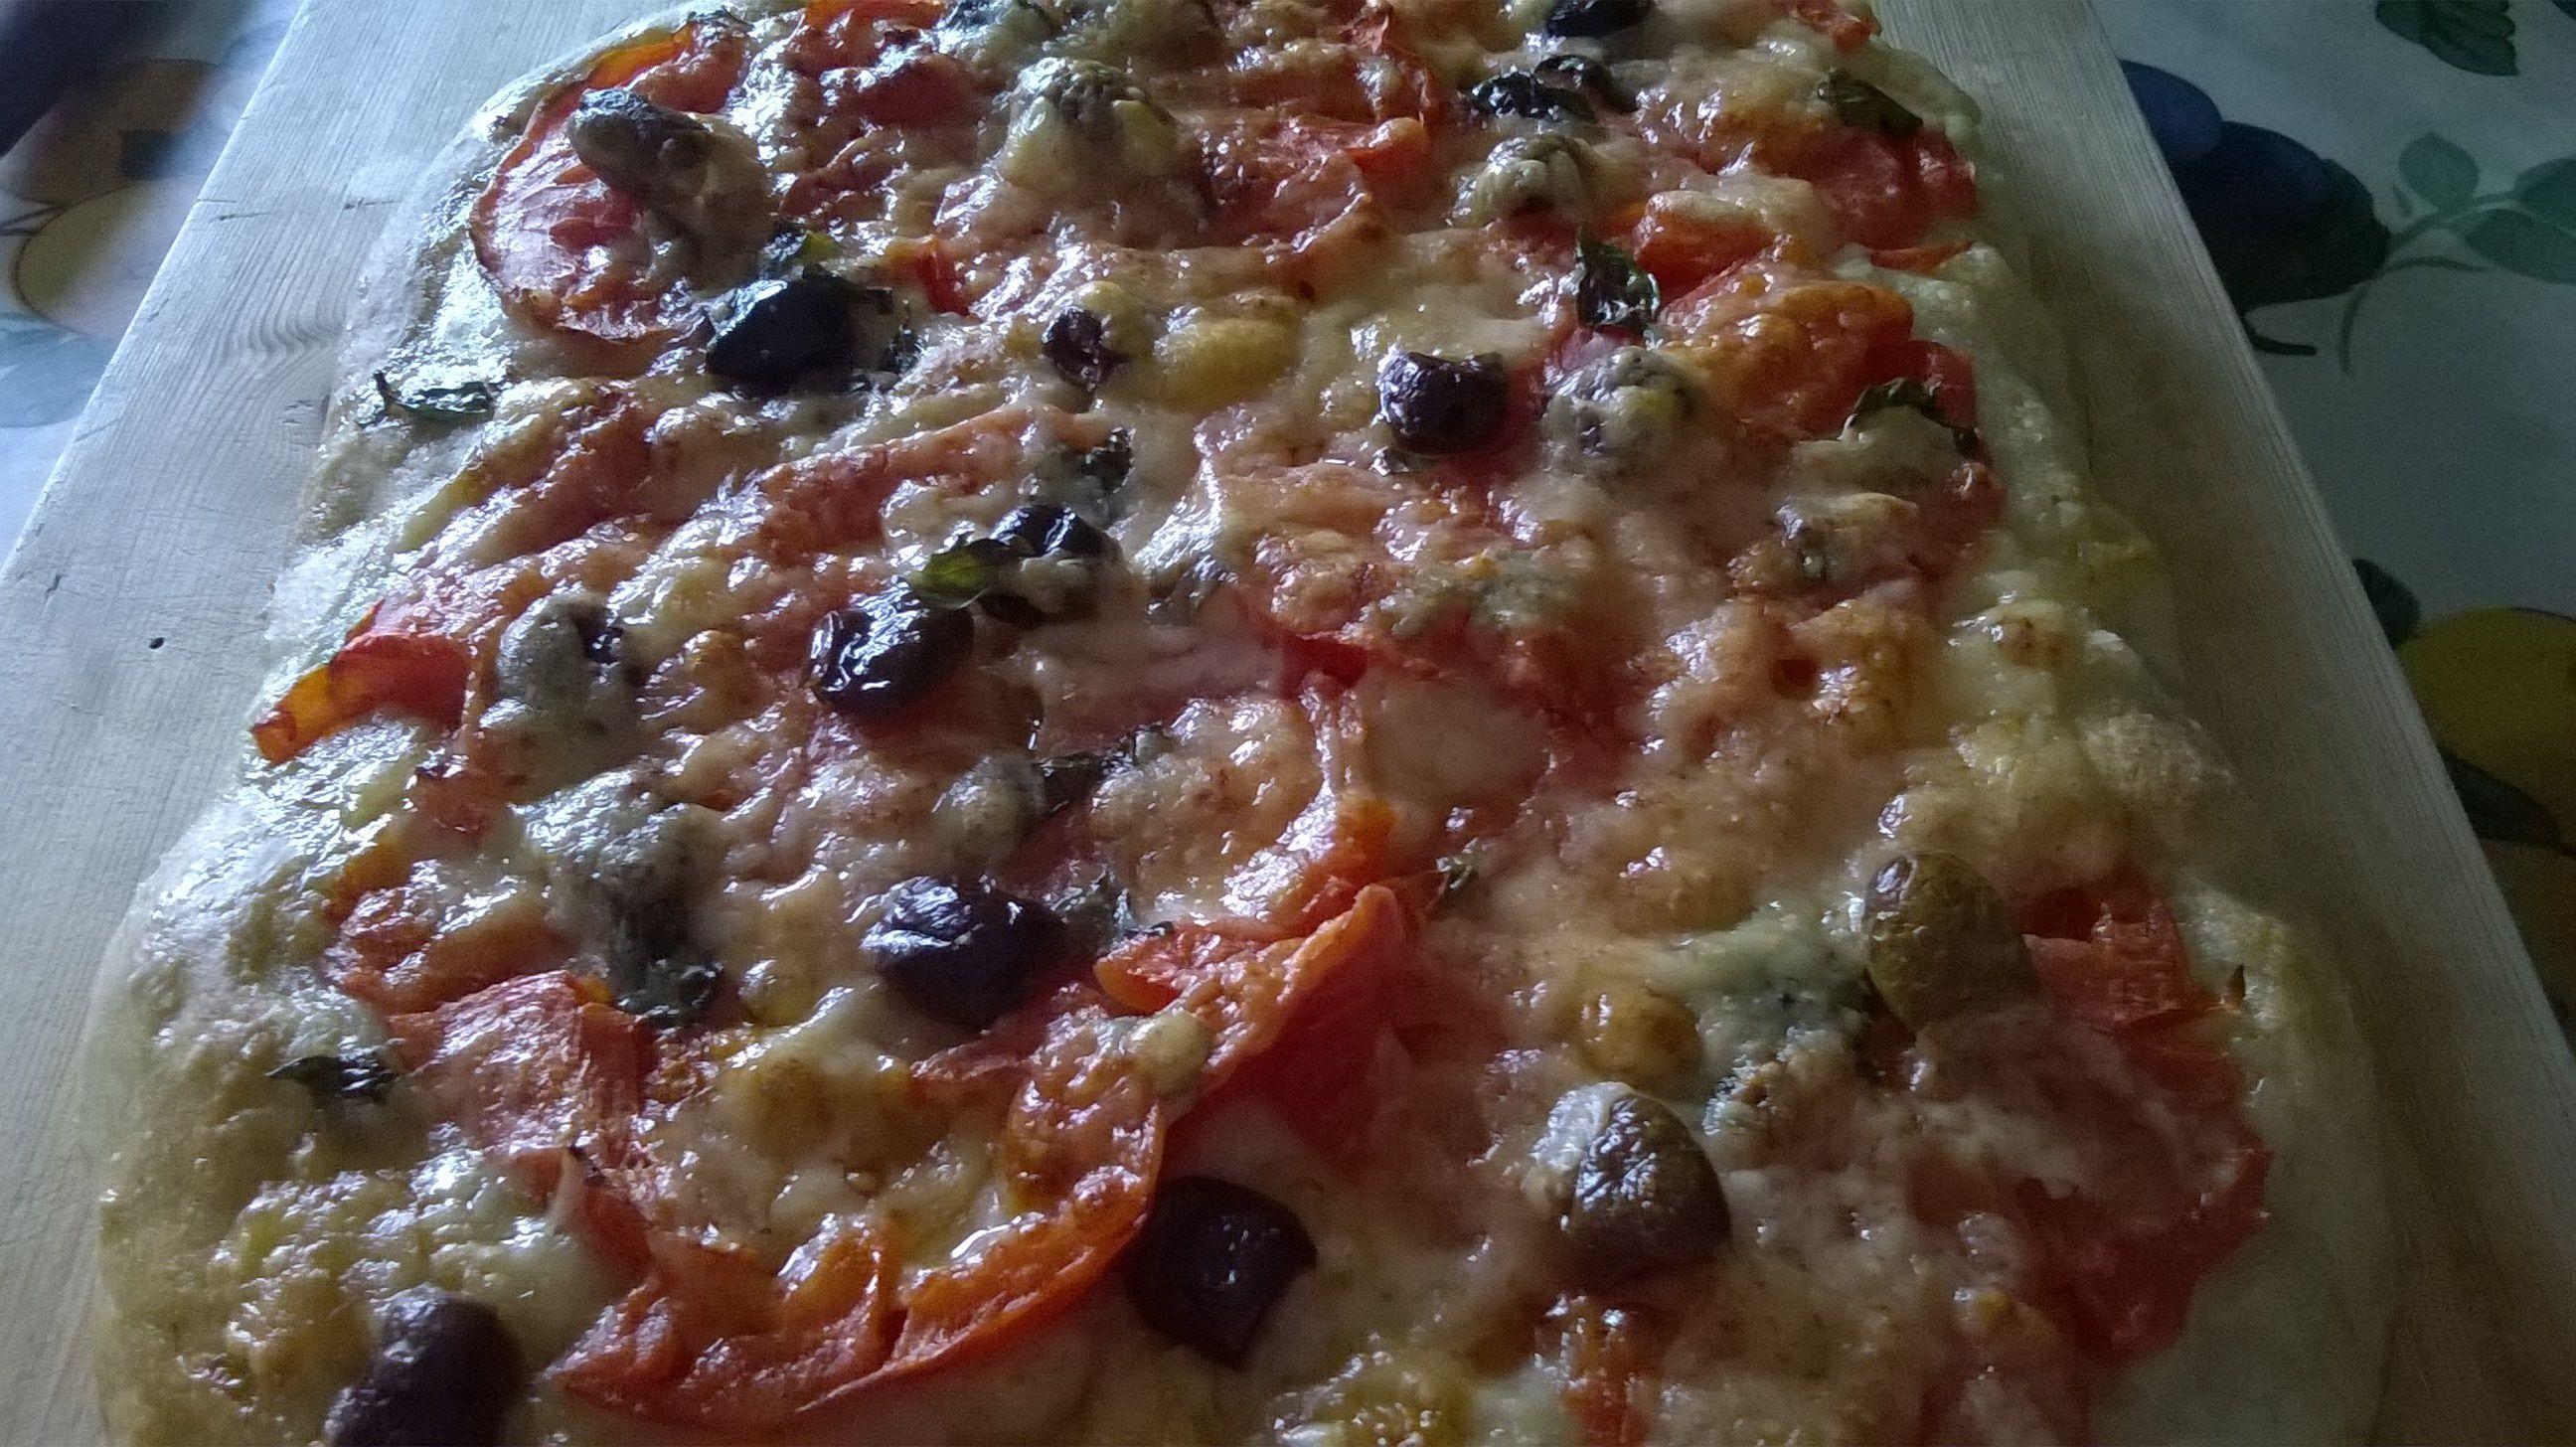 pizza con farina di grano tenero integrale, pomodoro fresco, olive, parmigiano e basilico